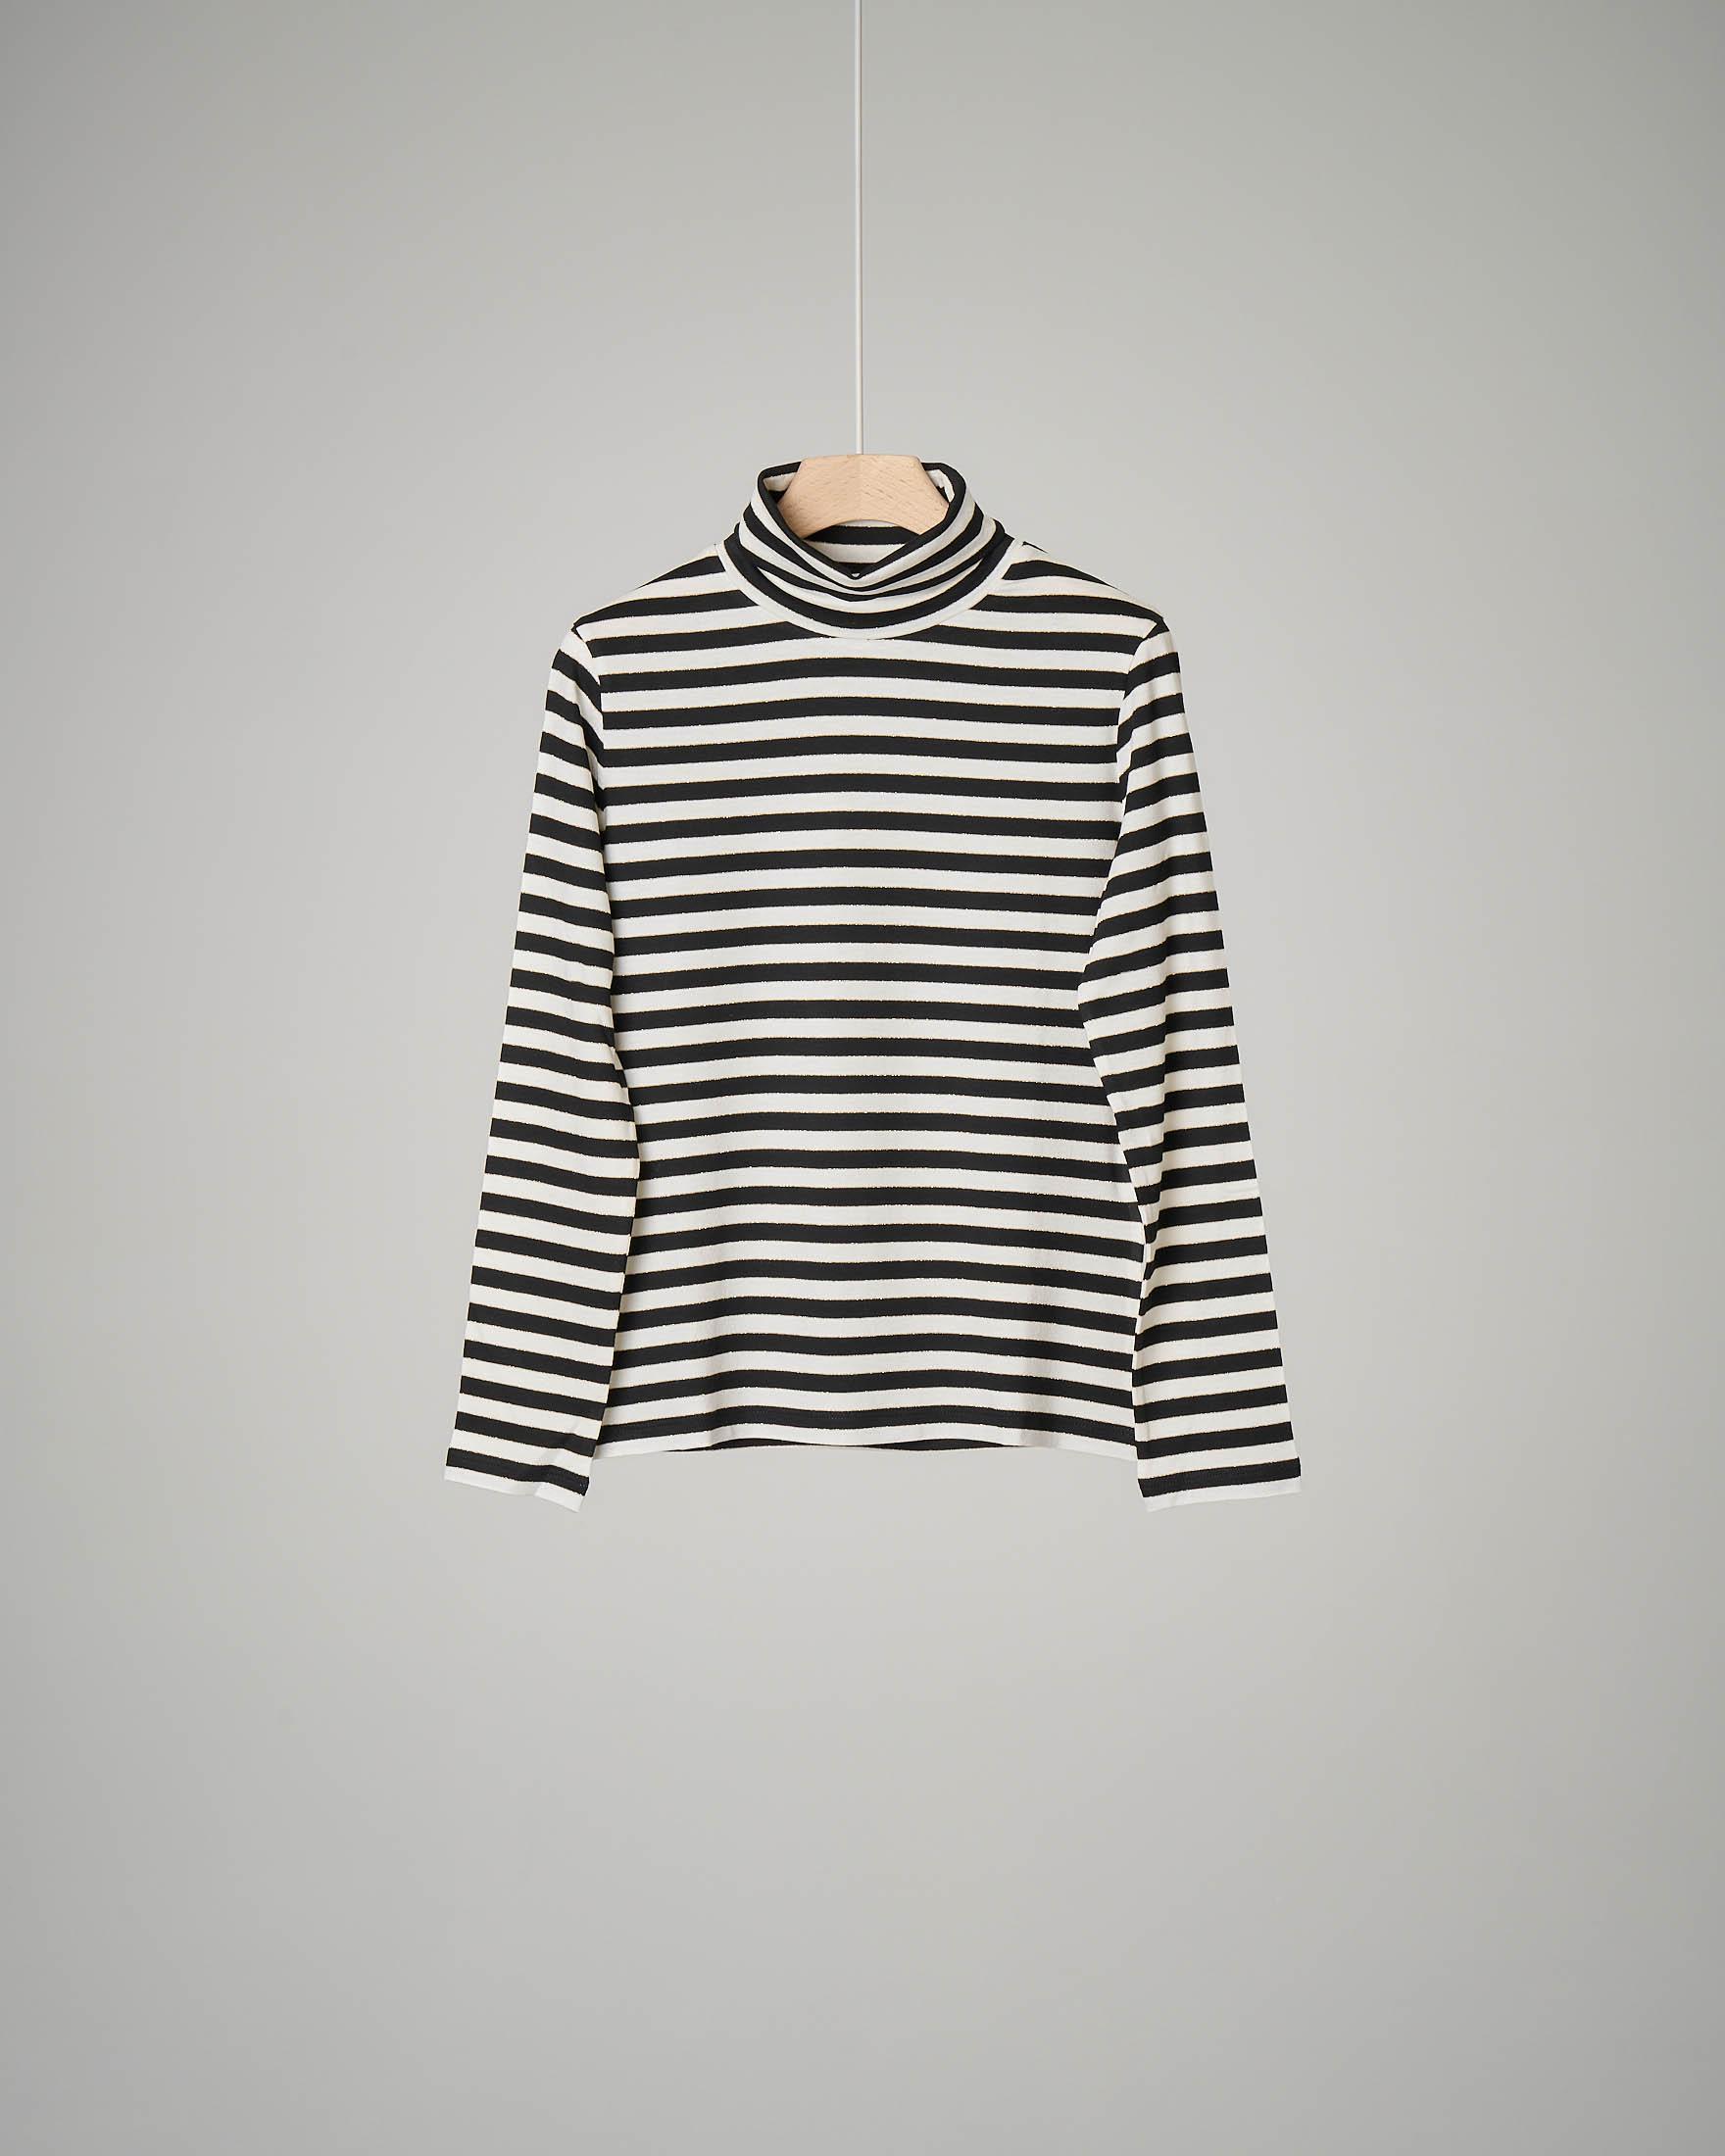 T-shirt a righe bianche e nere con collo alto 44-46